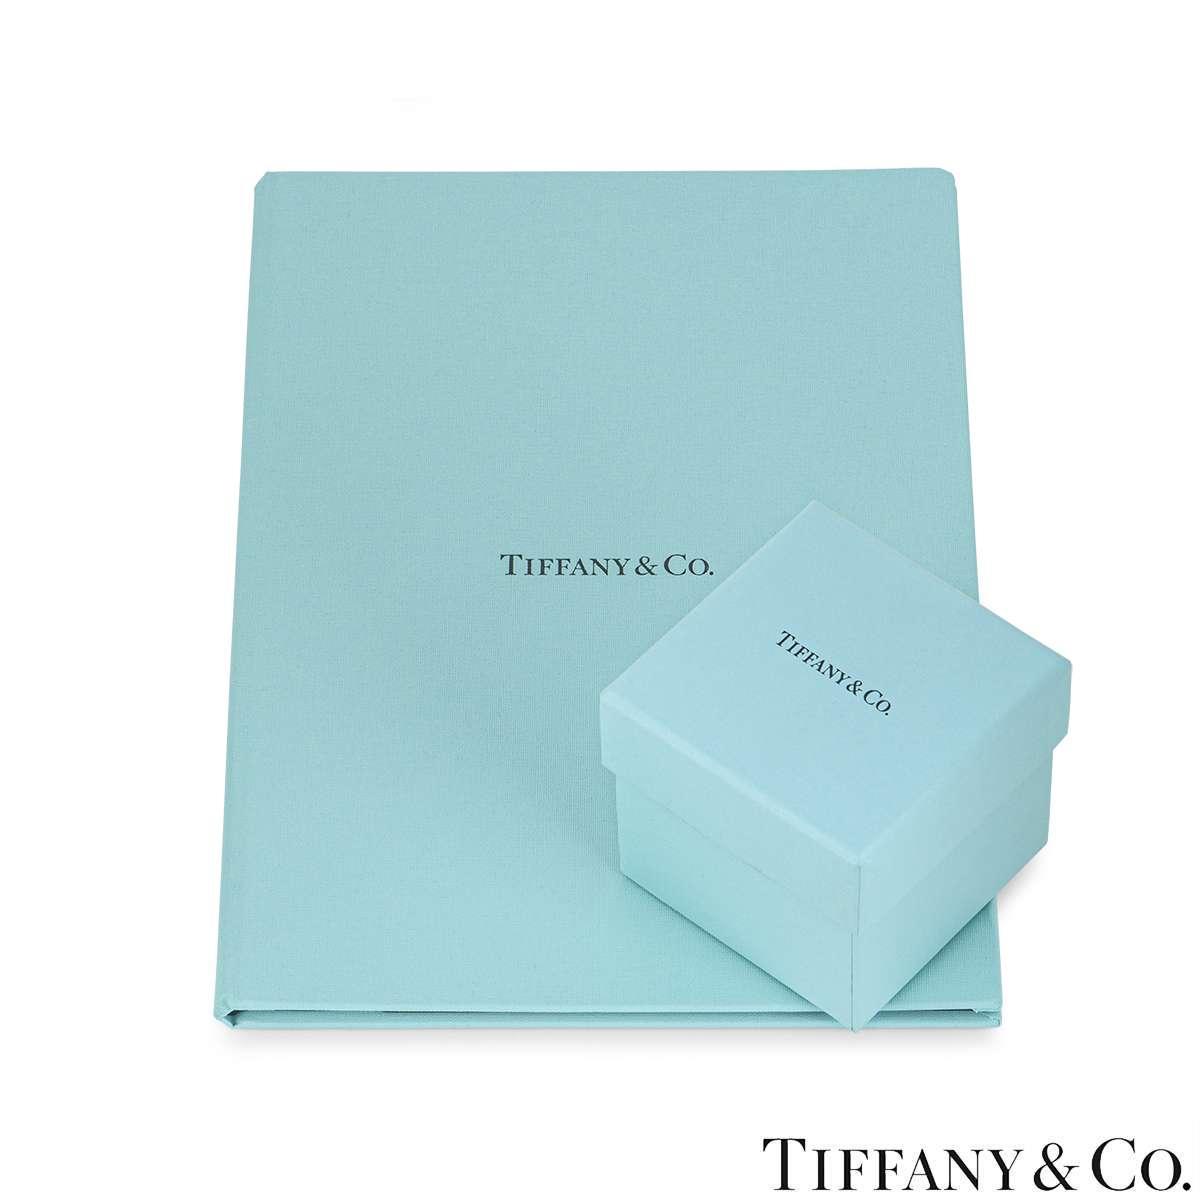 Tiffany & Co. Platinum Diamond Setting Ring 1.07ct E/VVS2